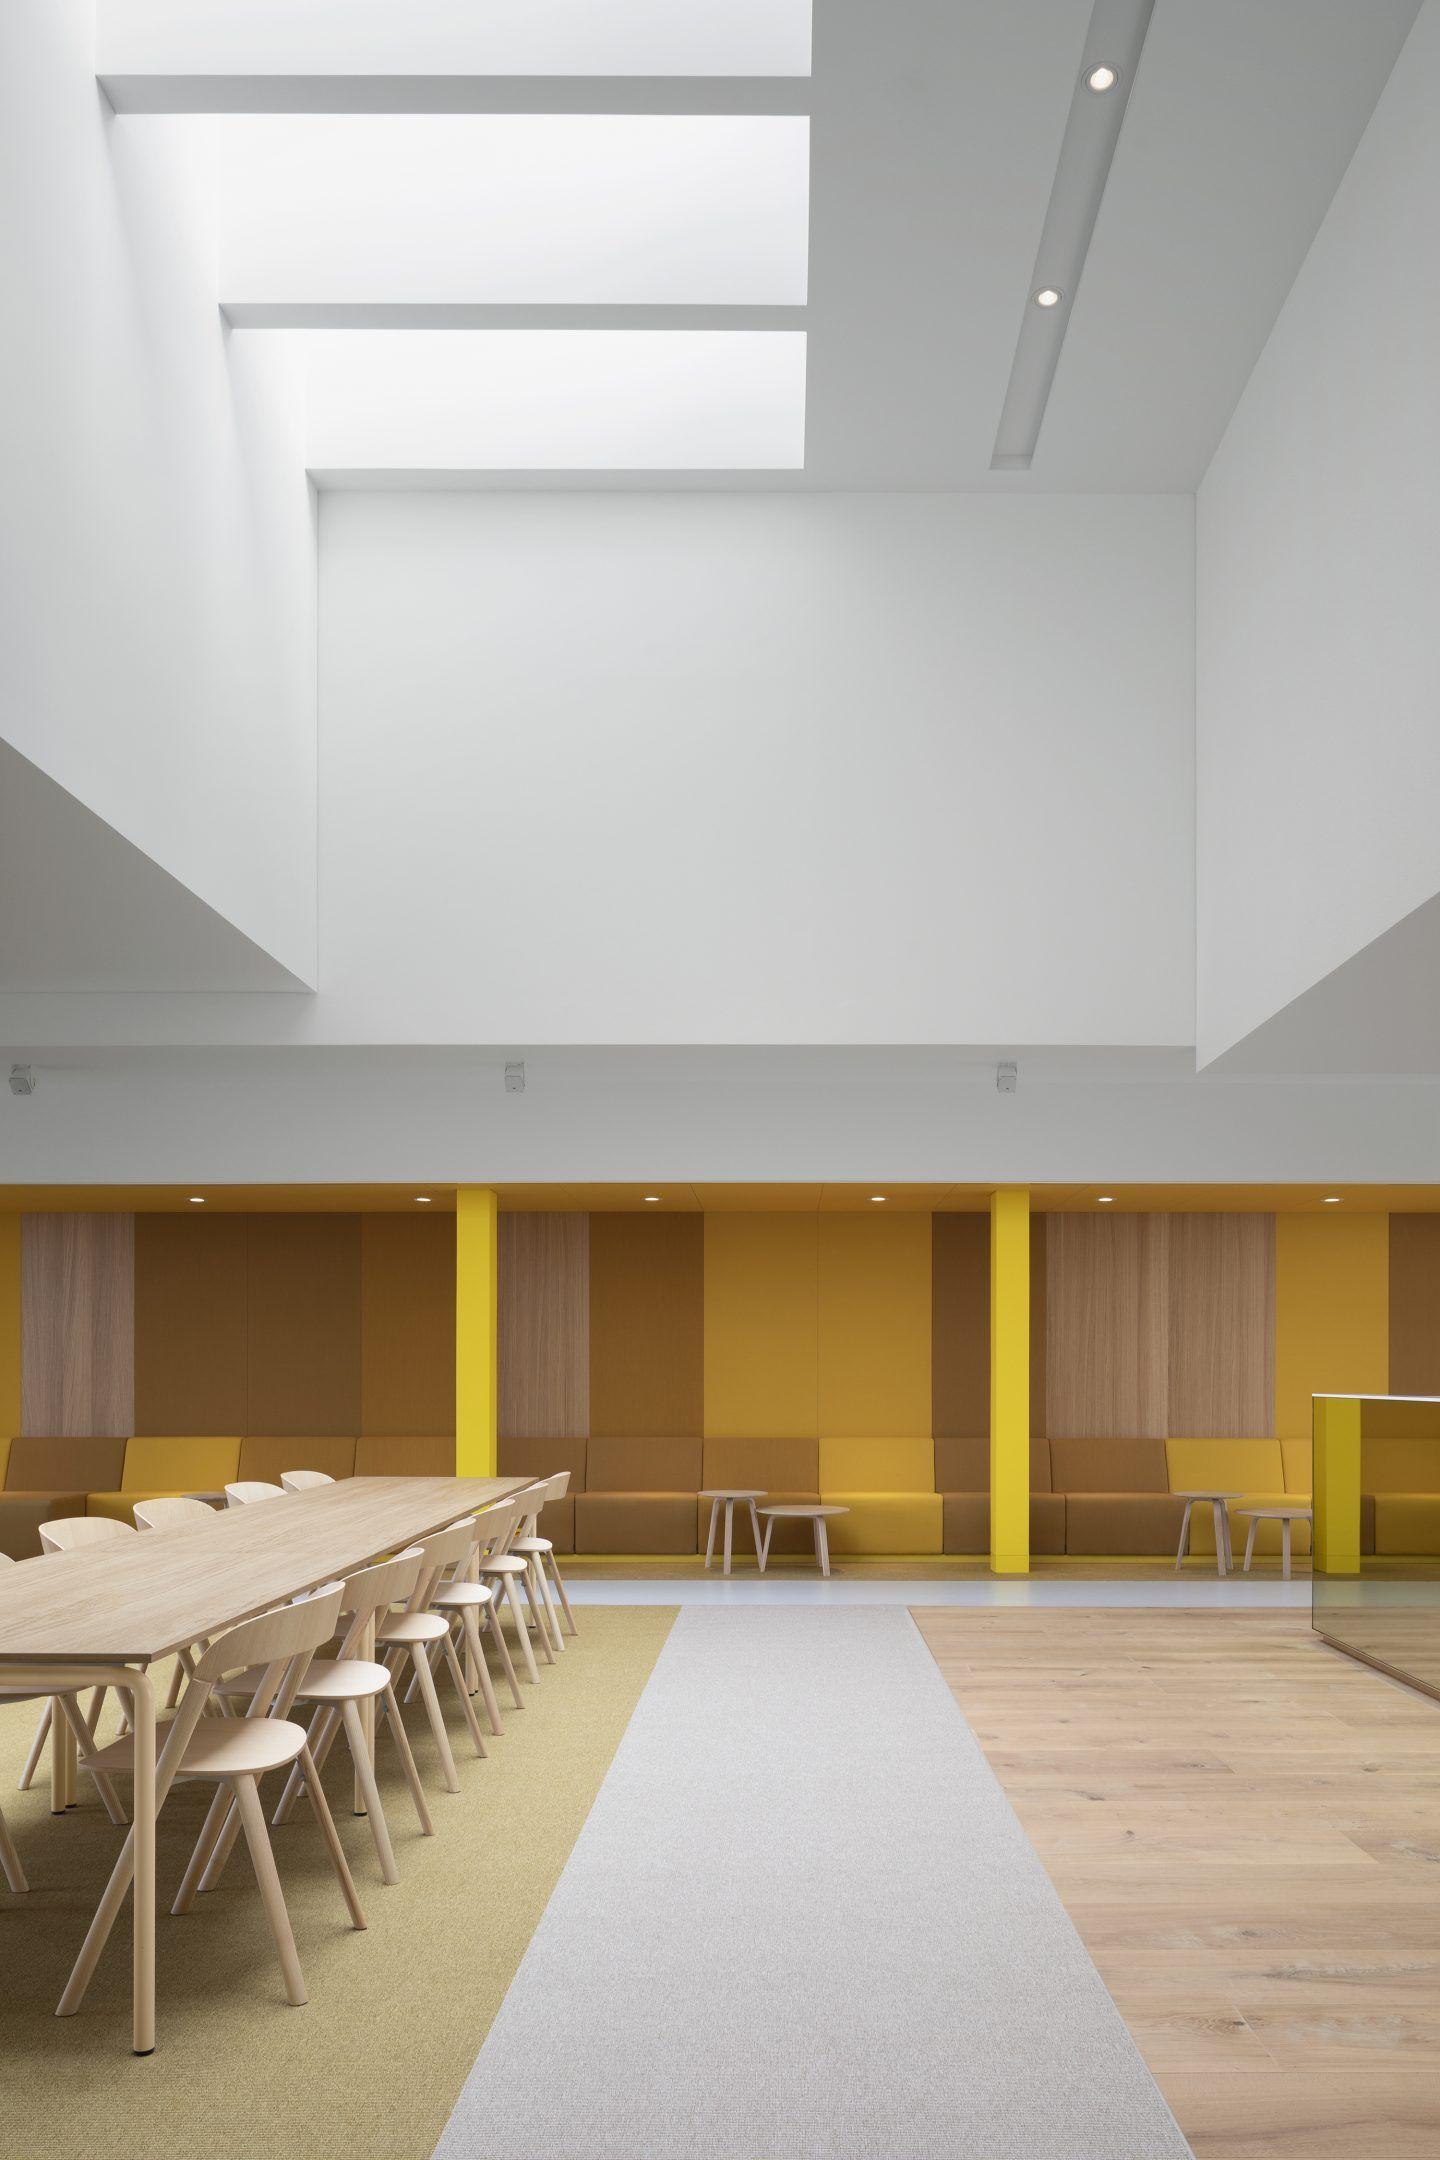 IGNANT-Design-FelixMeritis-14